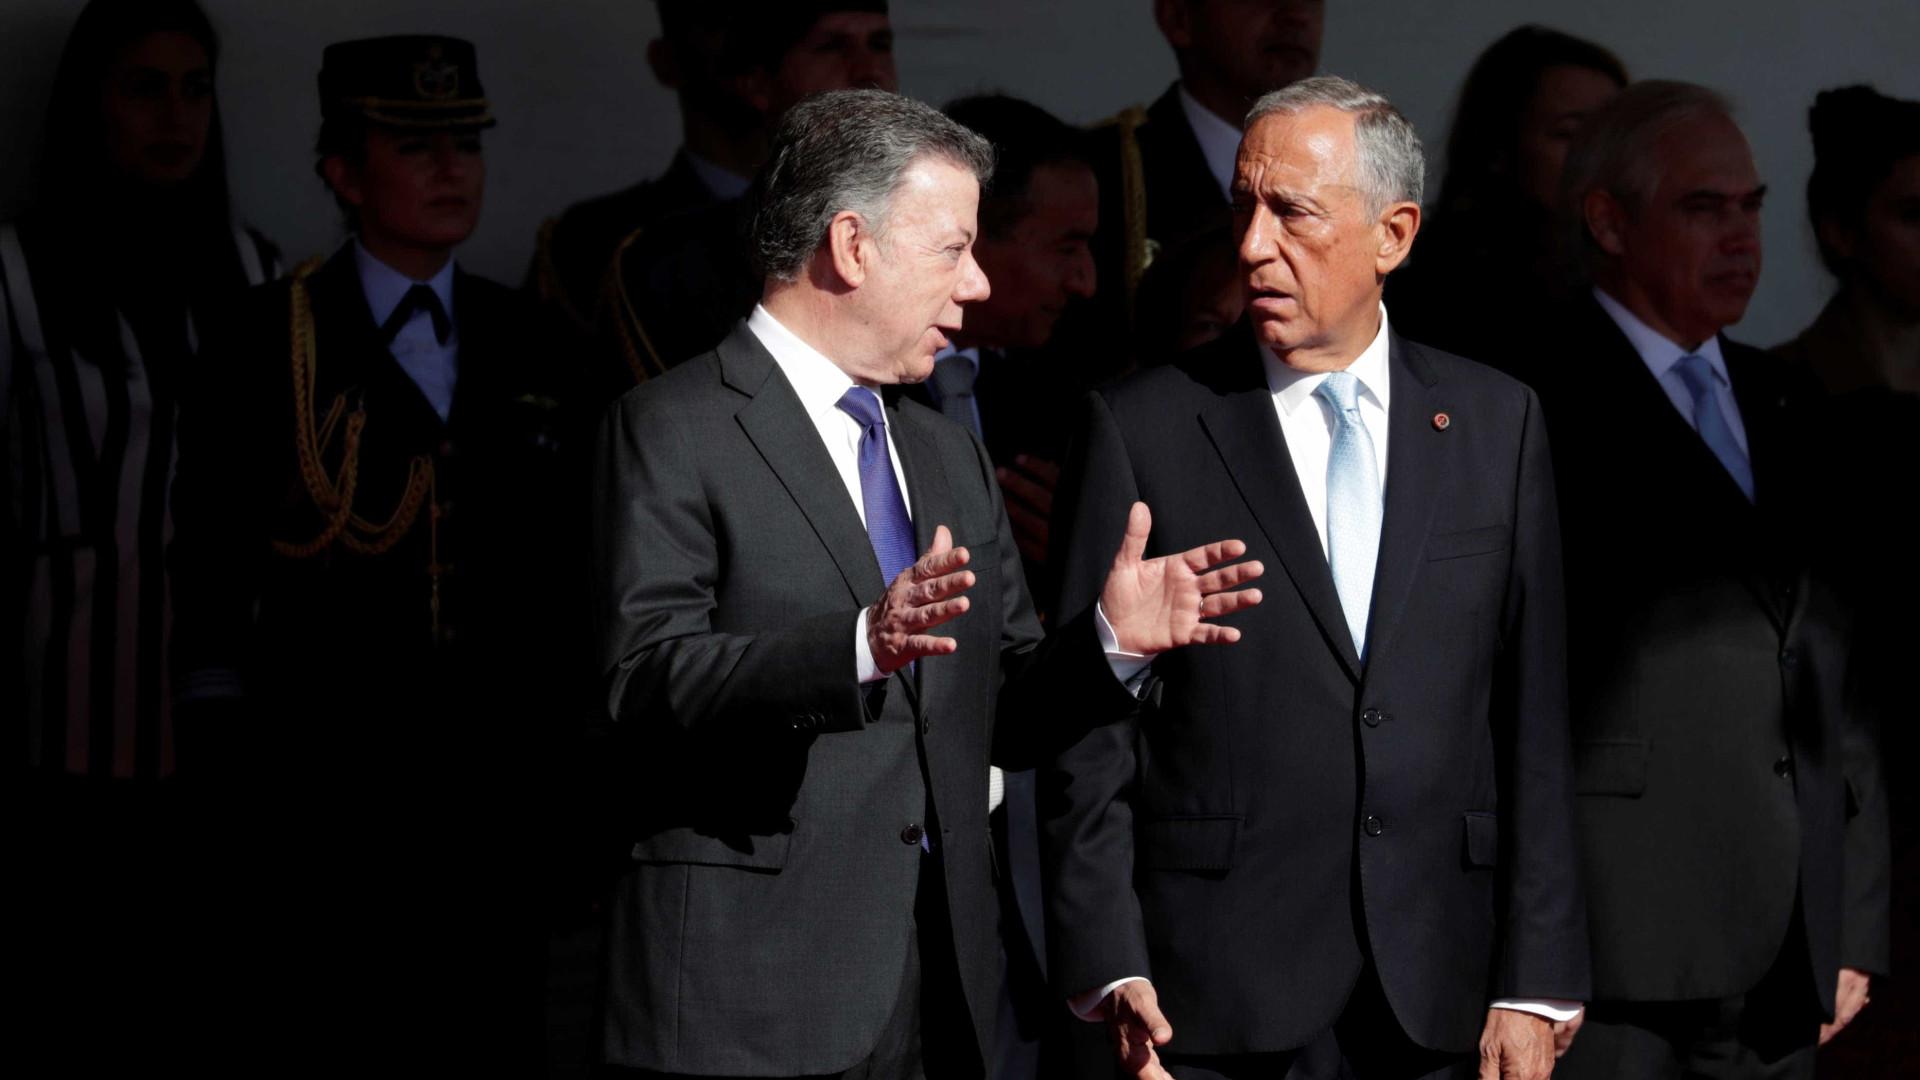 Portugal apontado como exemplo de como governar superando diferenças